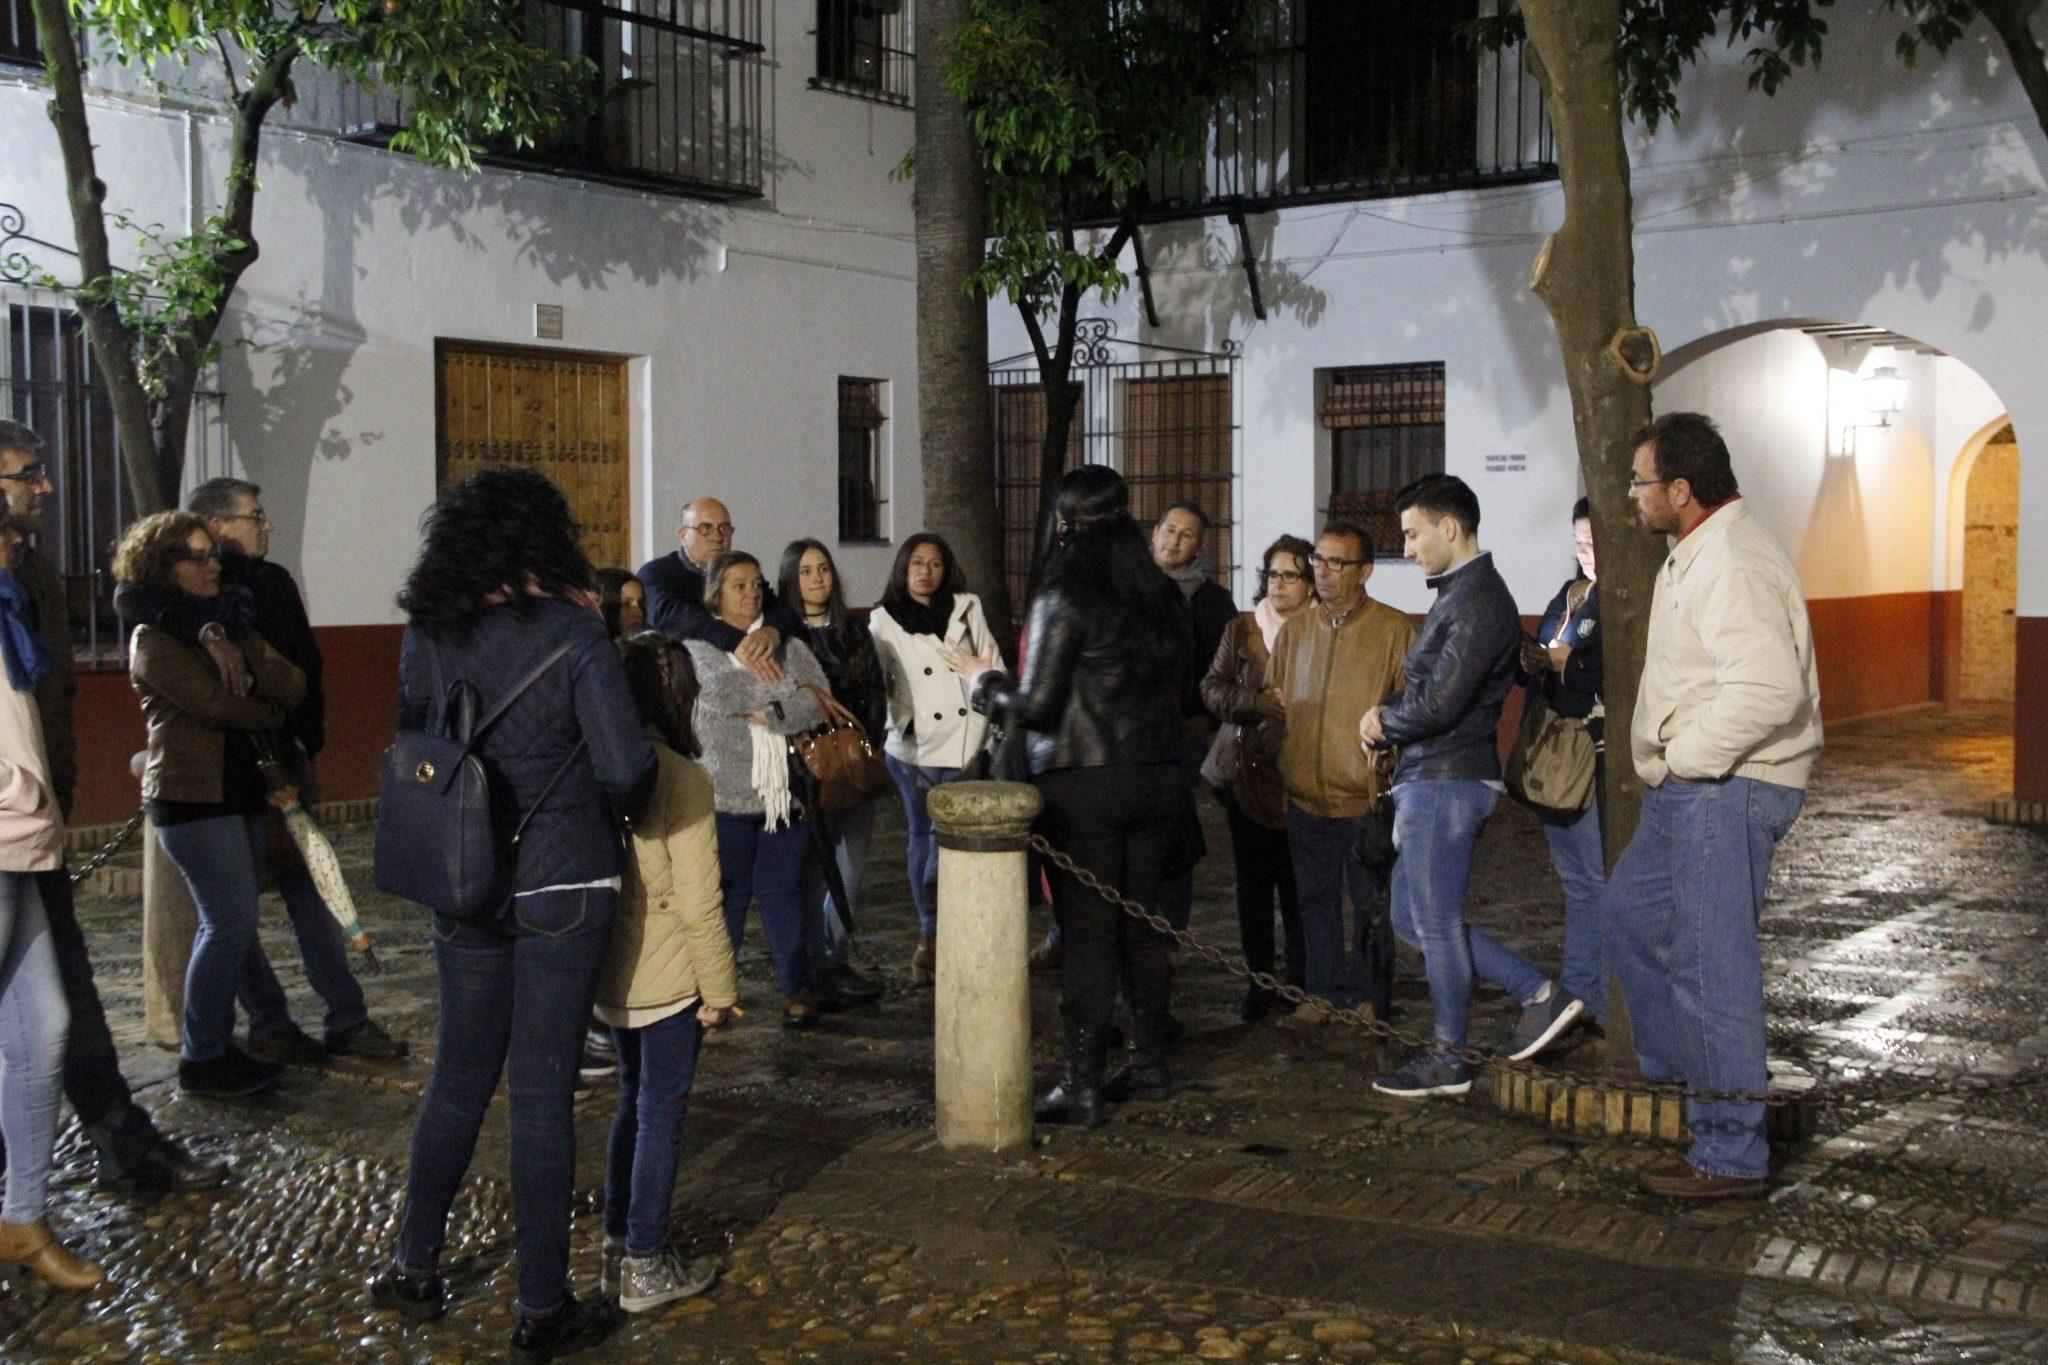 rutas Sevilla, conocer Sevilla, visitas guiadas Sevilla, experiencias culturales Sevilla, rutas